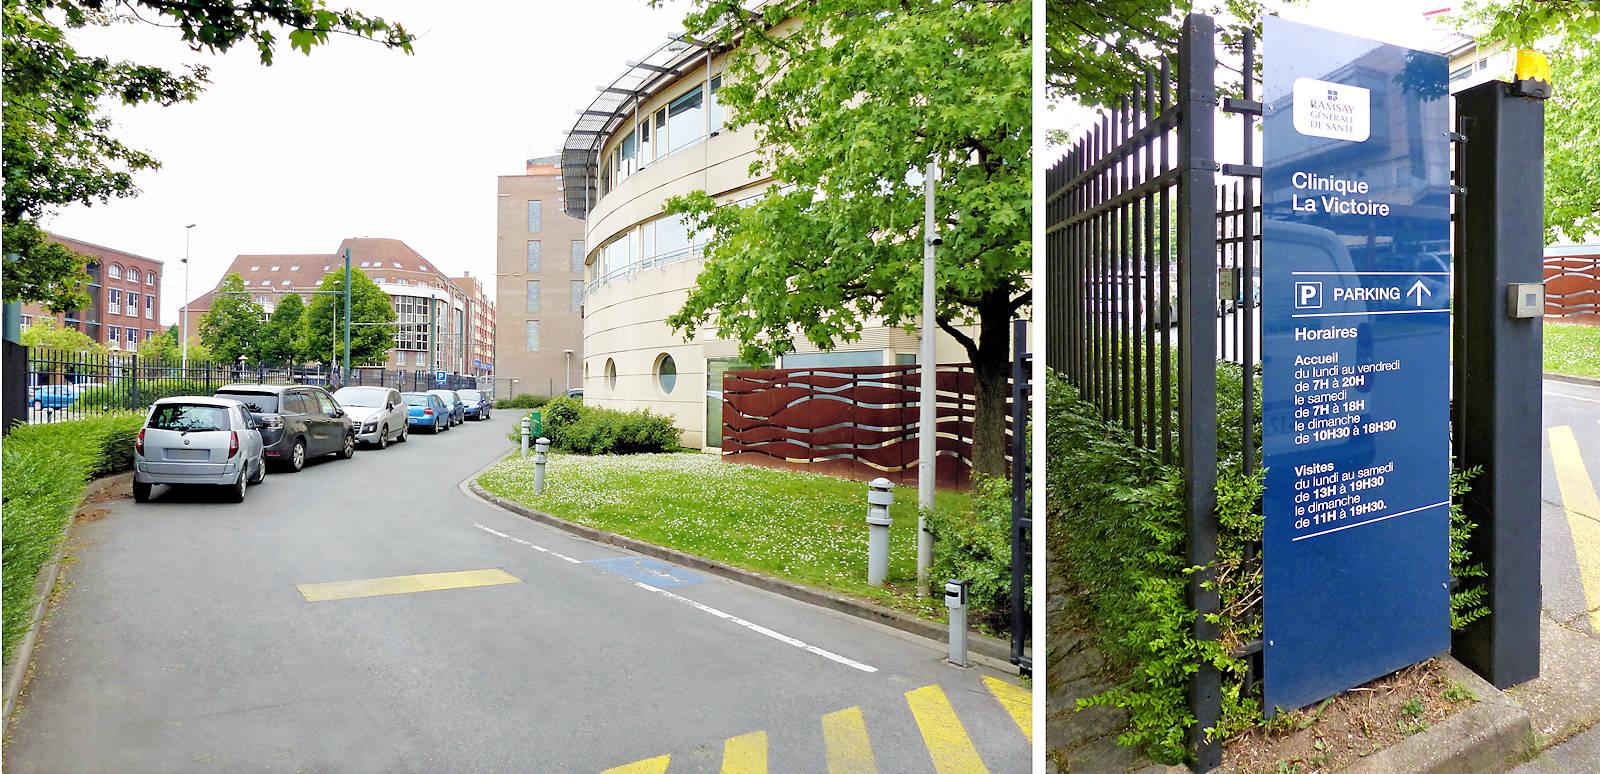 Clinique de la Victoire, Tourcoing - Entrée du Parking